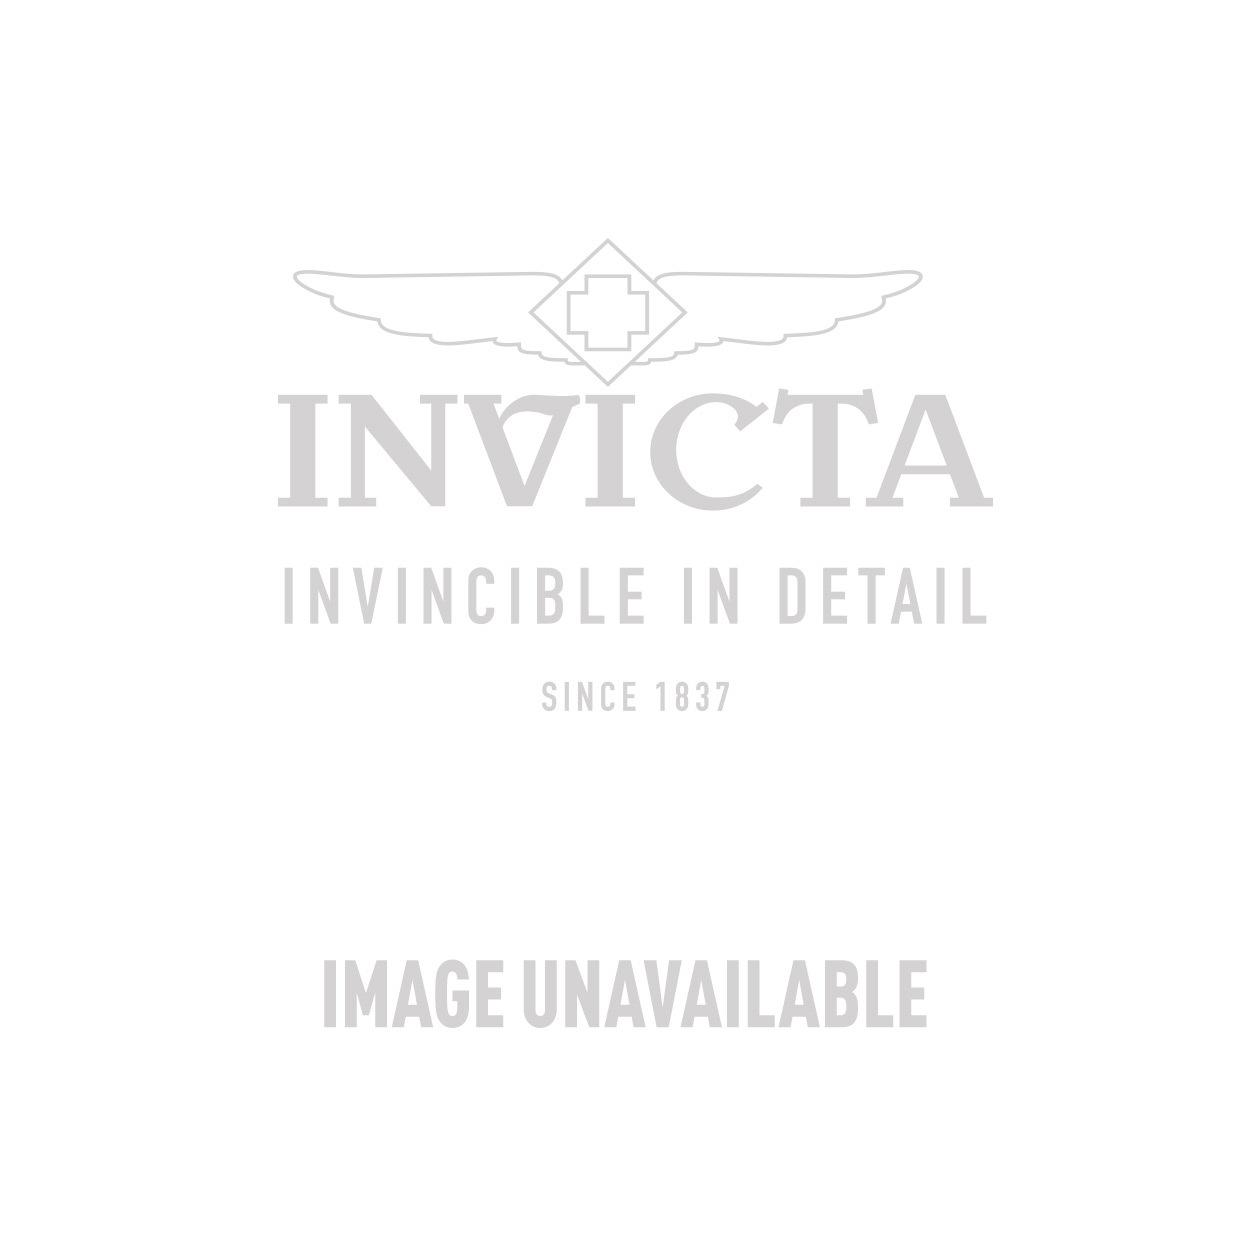 Invicta Model 27628